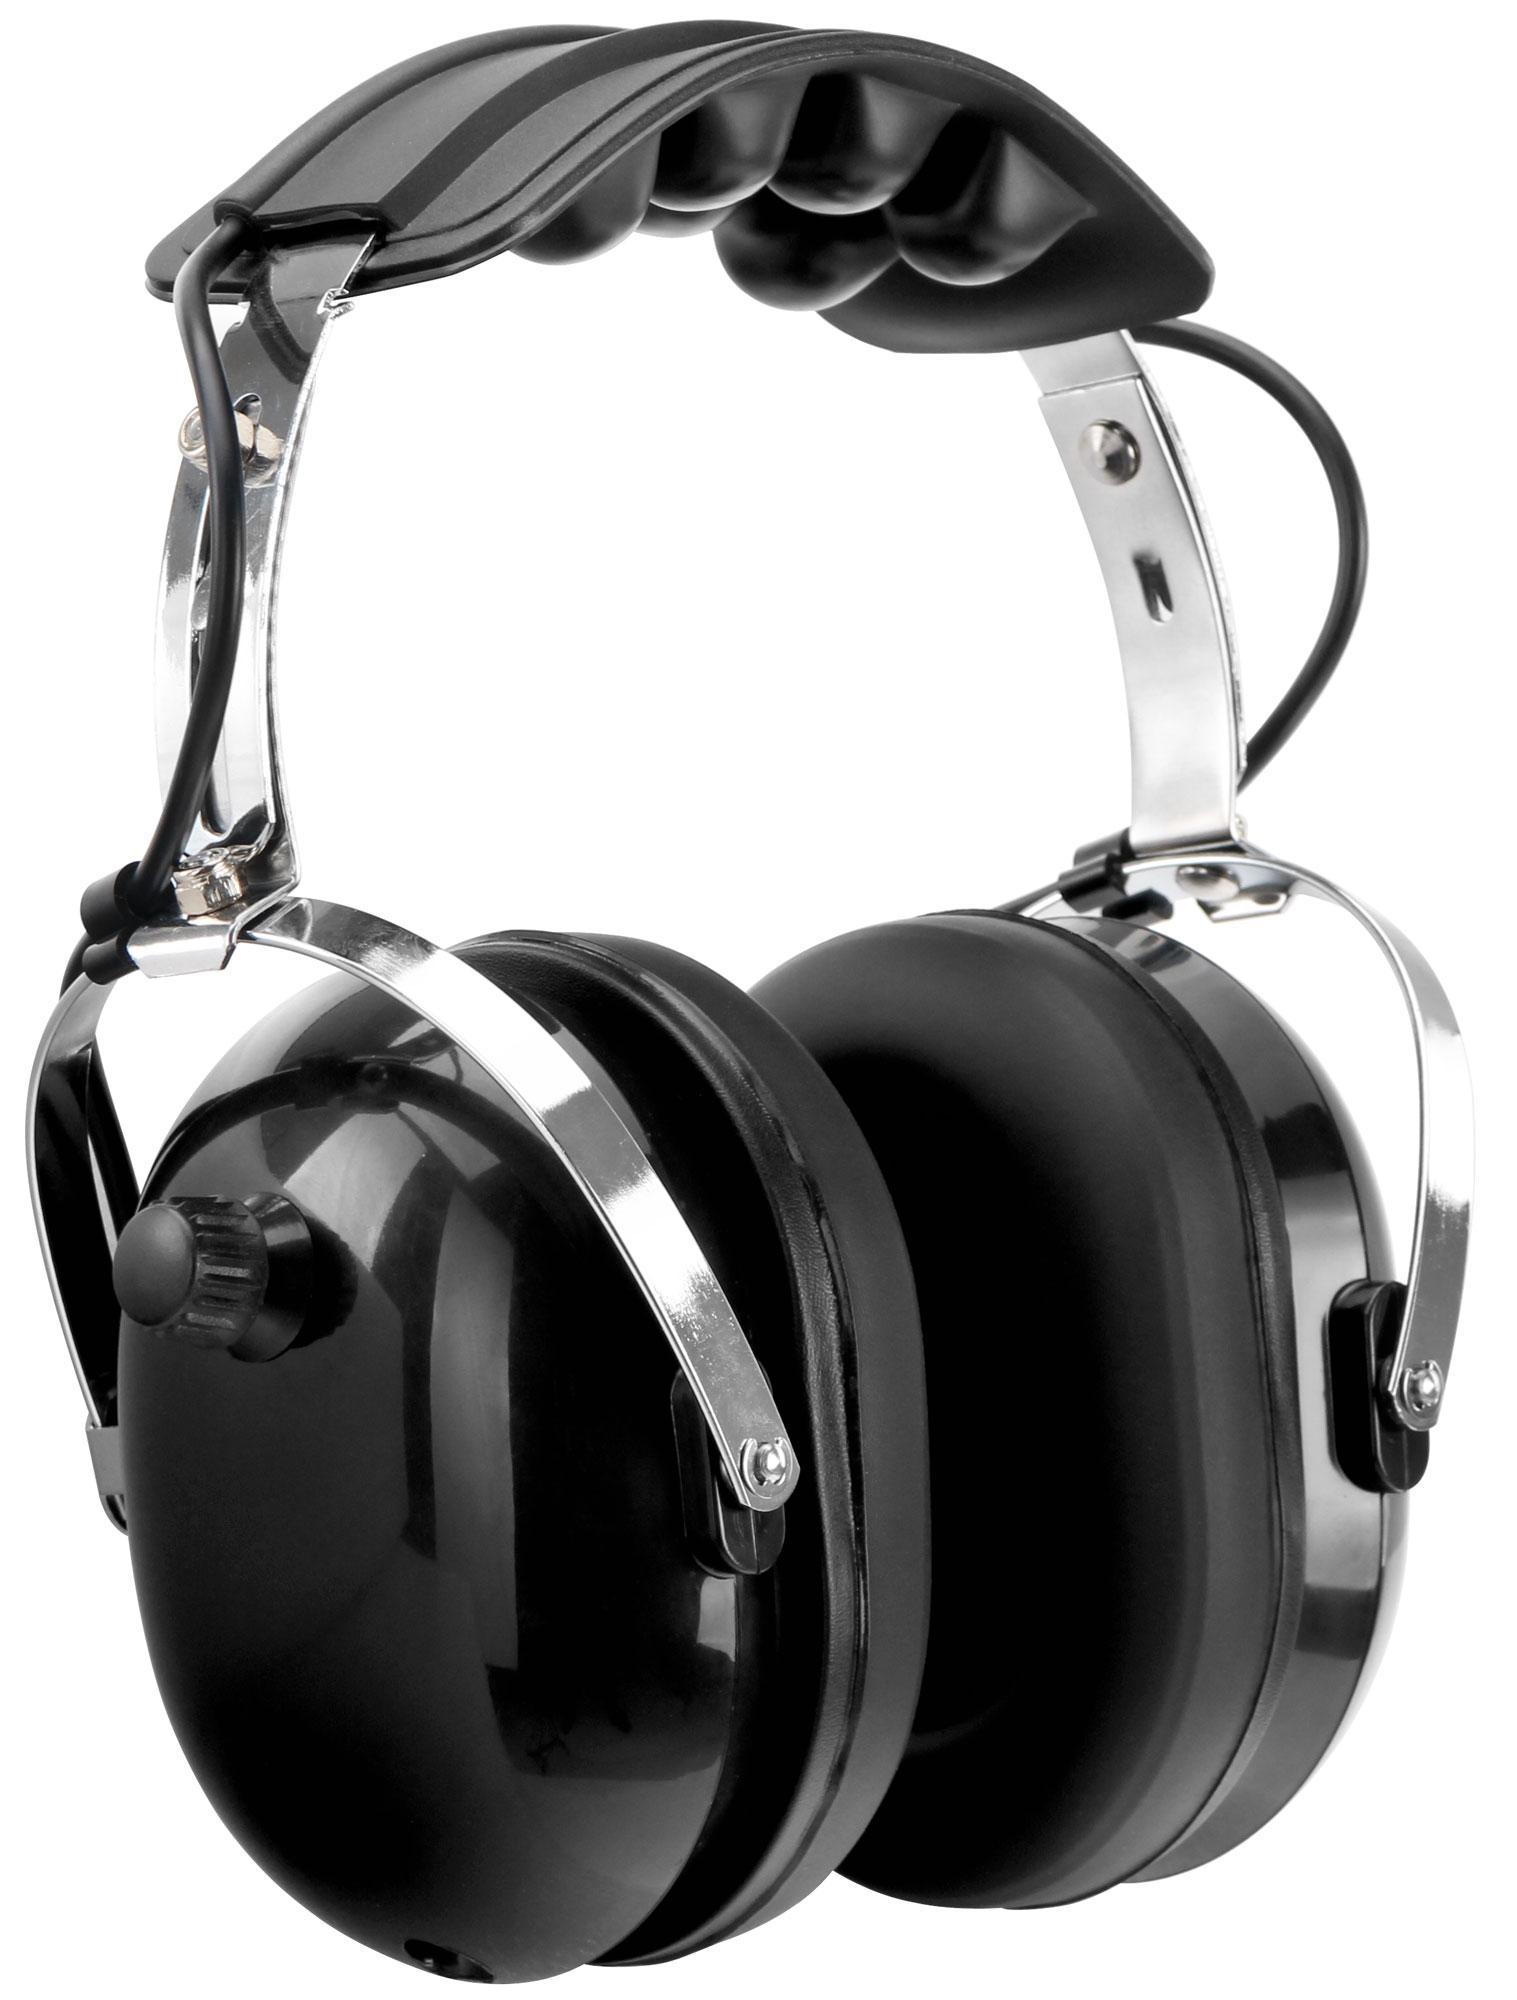 XDrum IH 1 Stereo Isolationskopfhörer Gehörschutz Retoure (Zustand sehr gut)